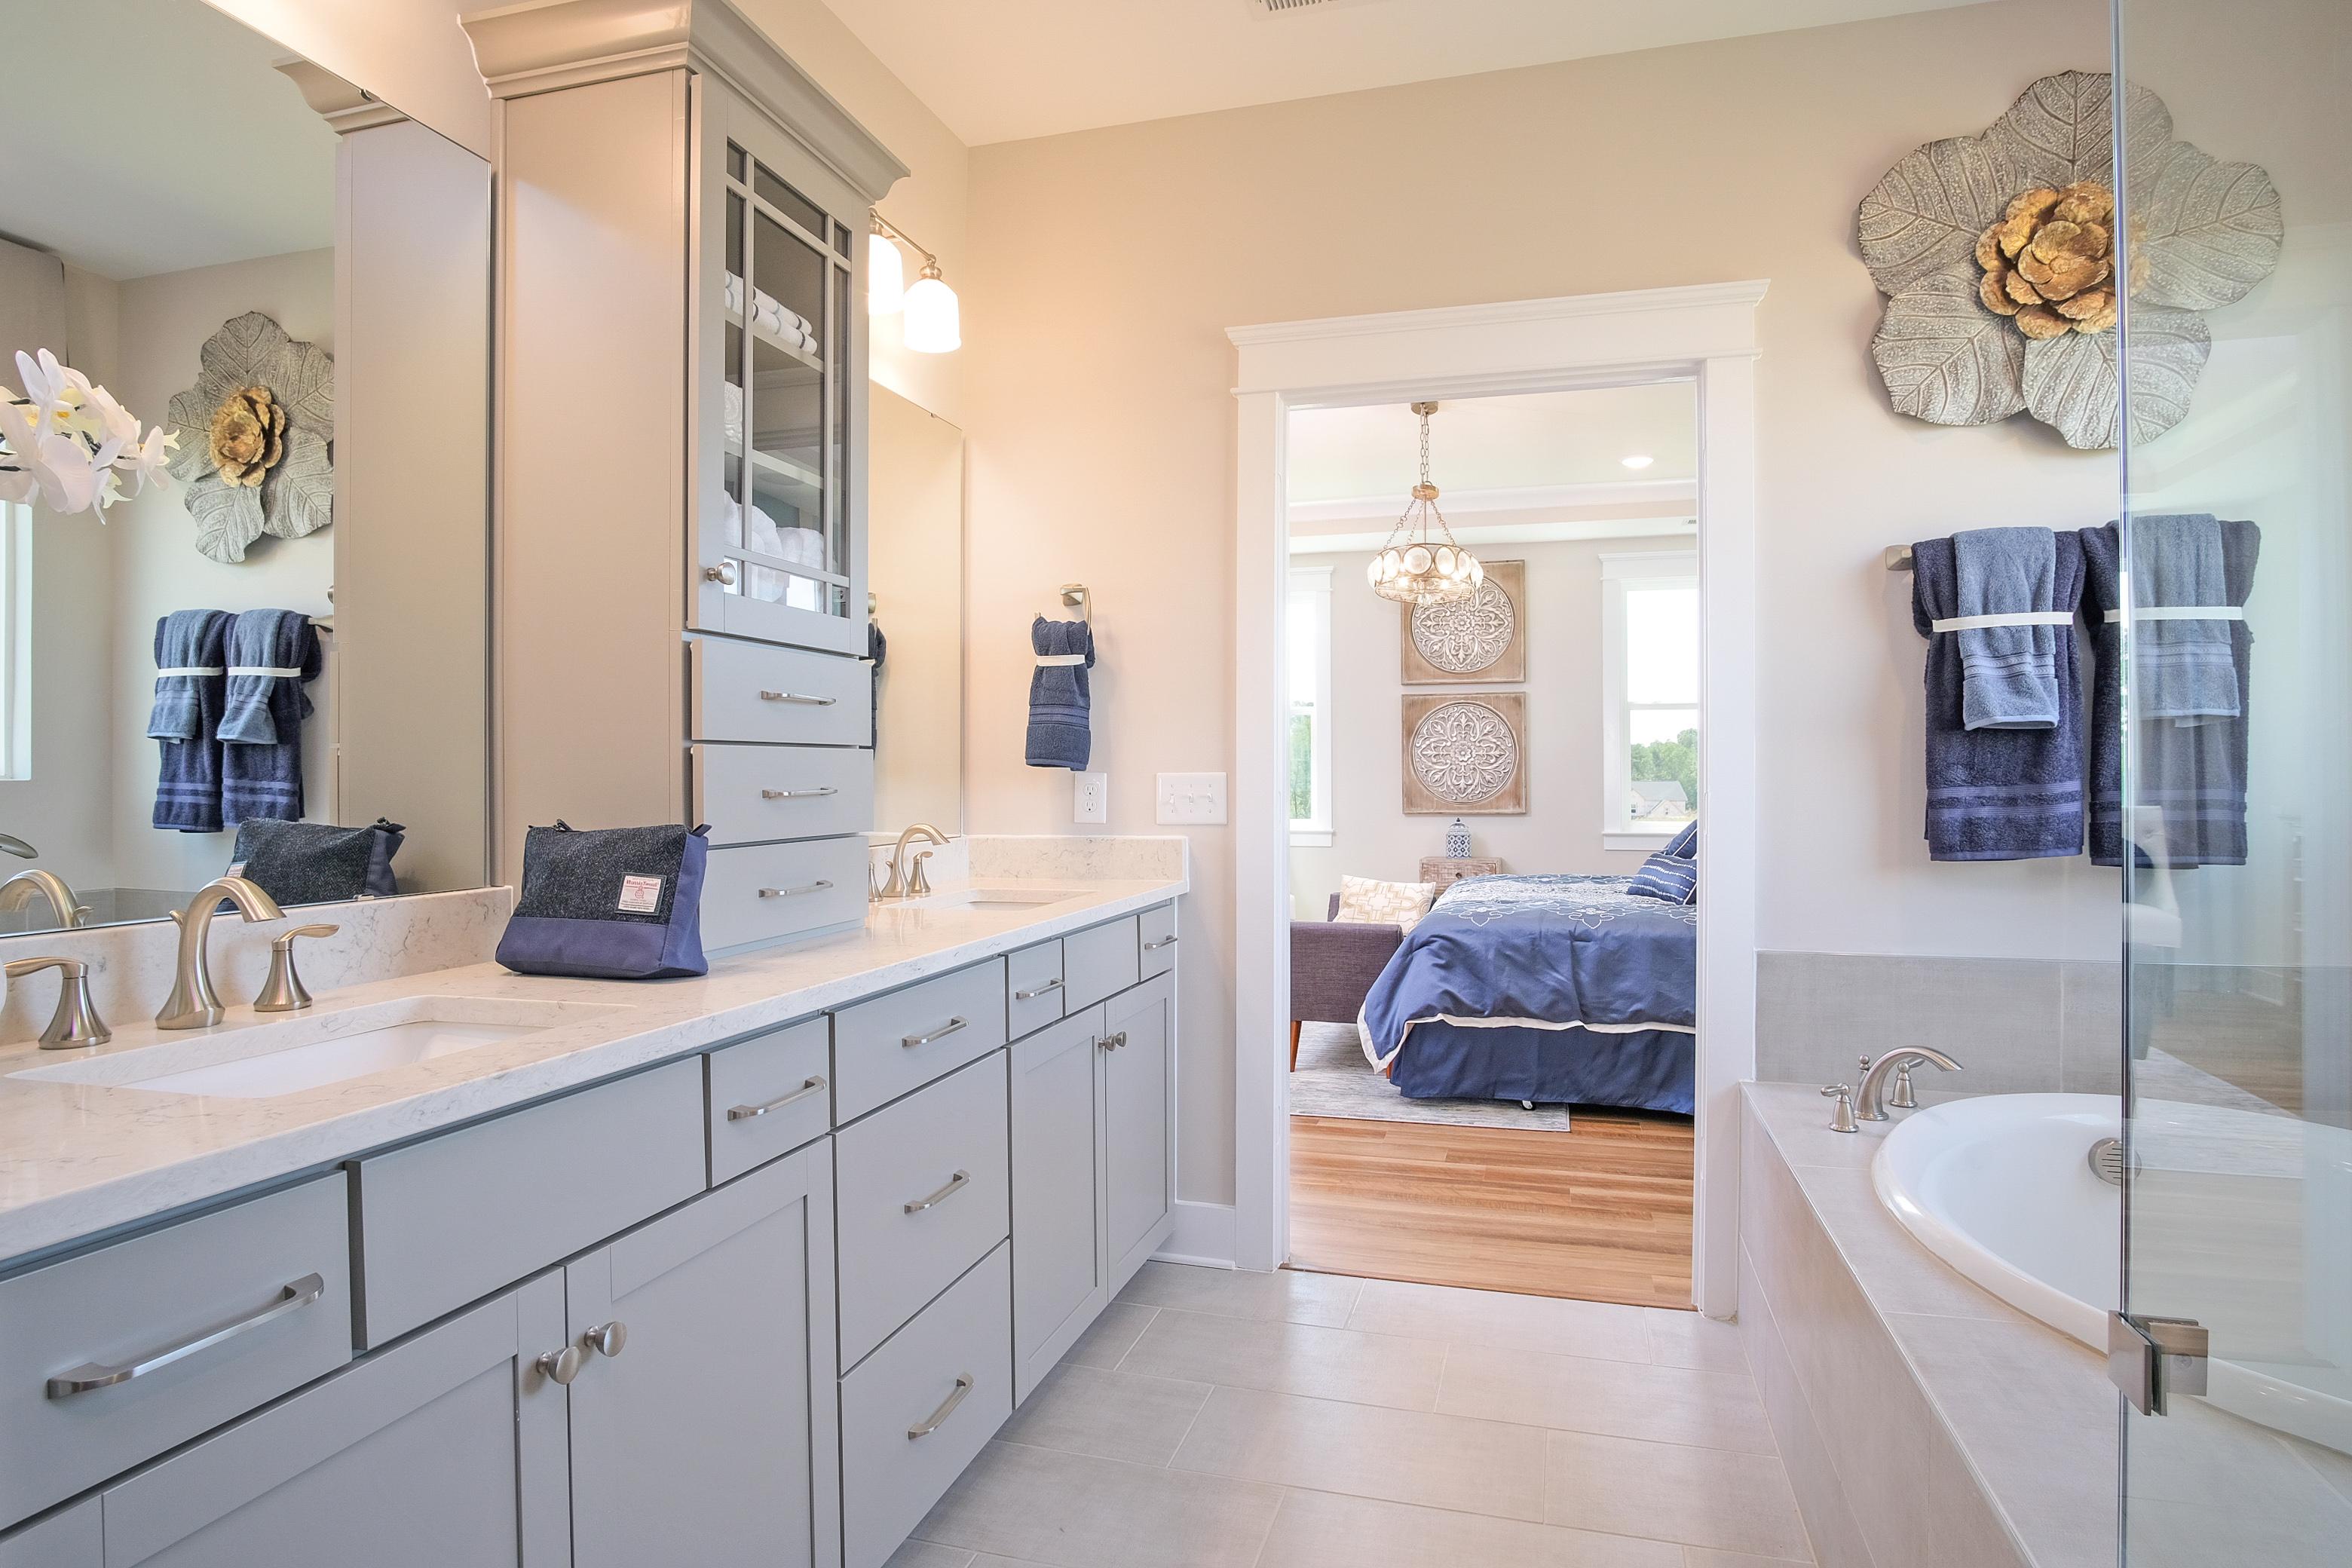 Edgefield Owner's Bathroom